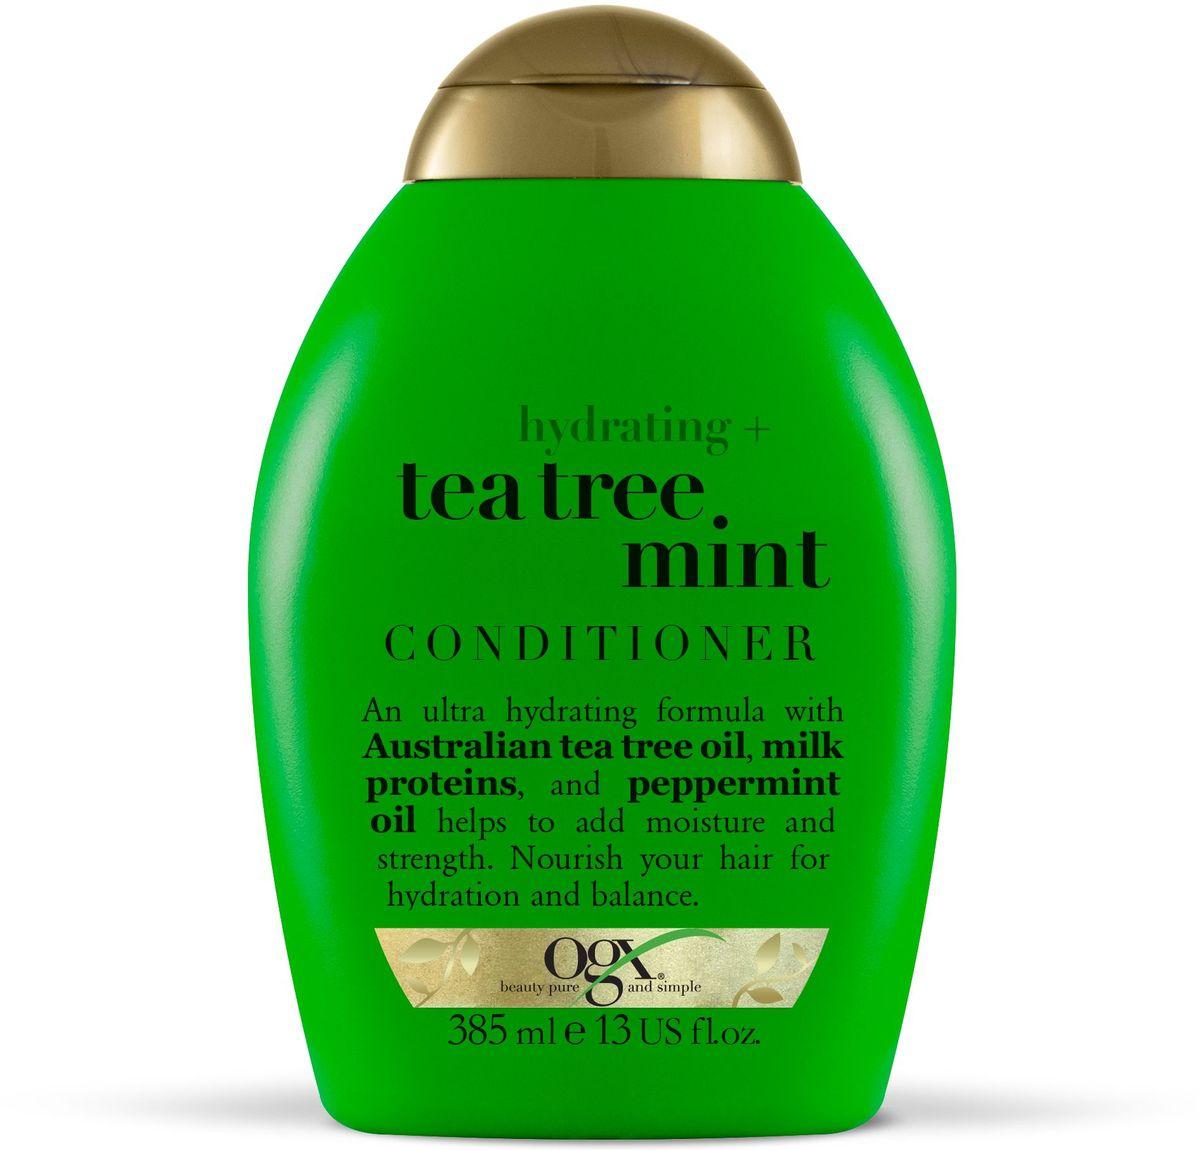 OGX Увлажняющий Кондиционер с Маслом чайного дерева и Ментолом, 385 мл.97015Увлажняющий шампунь с маслом чайного дерева и ментолом увлажняет и укрепляет волосы, делая их гладкими и послушными. Помогает поддерживать естественный баланс и наполняют волосы молочным белком.